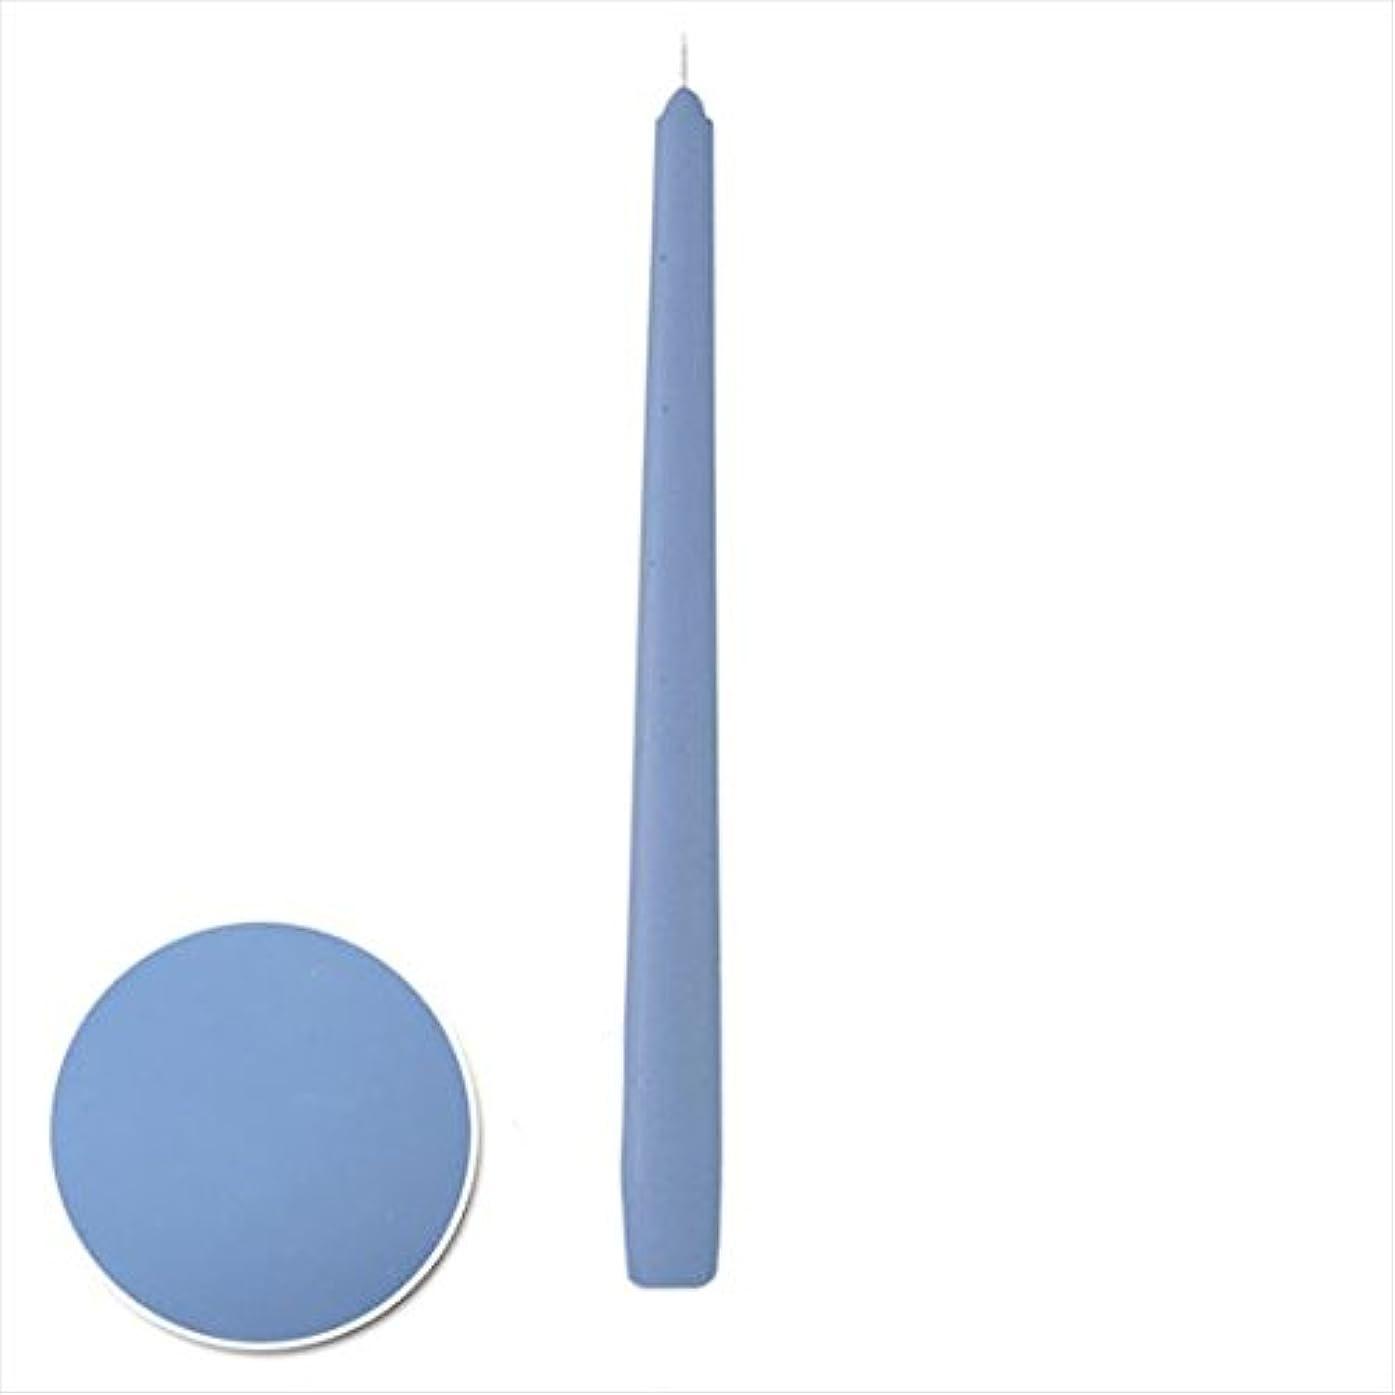 カメヤマキャンドル( kameyama candle ) 12インチテーパー 「 パープルブルー 」 12本入り